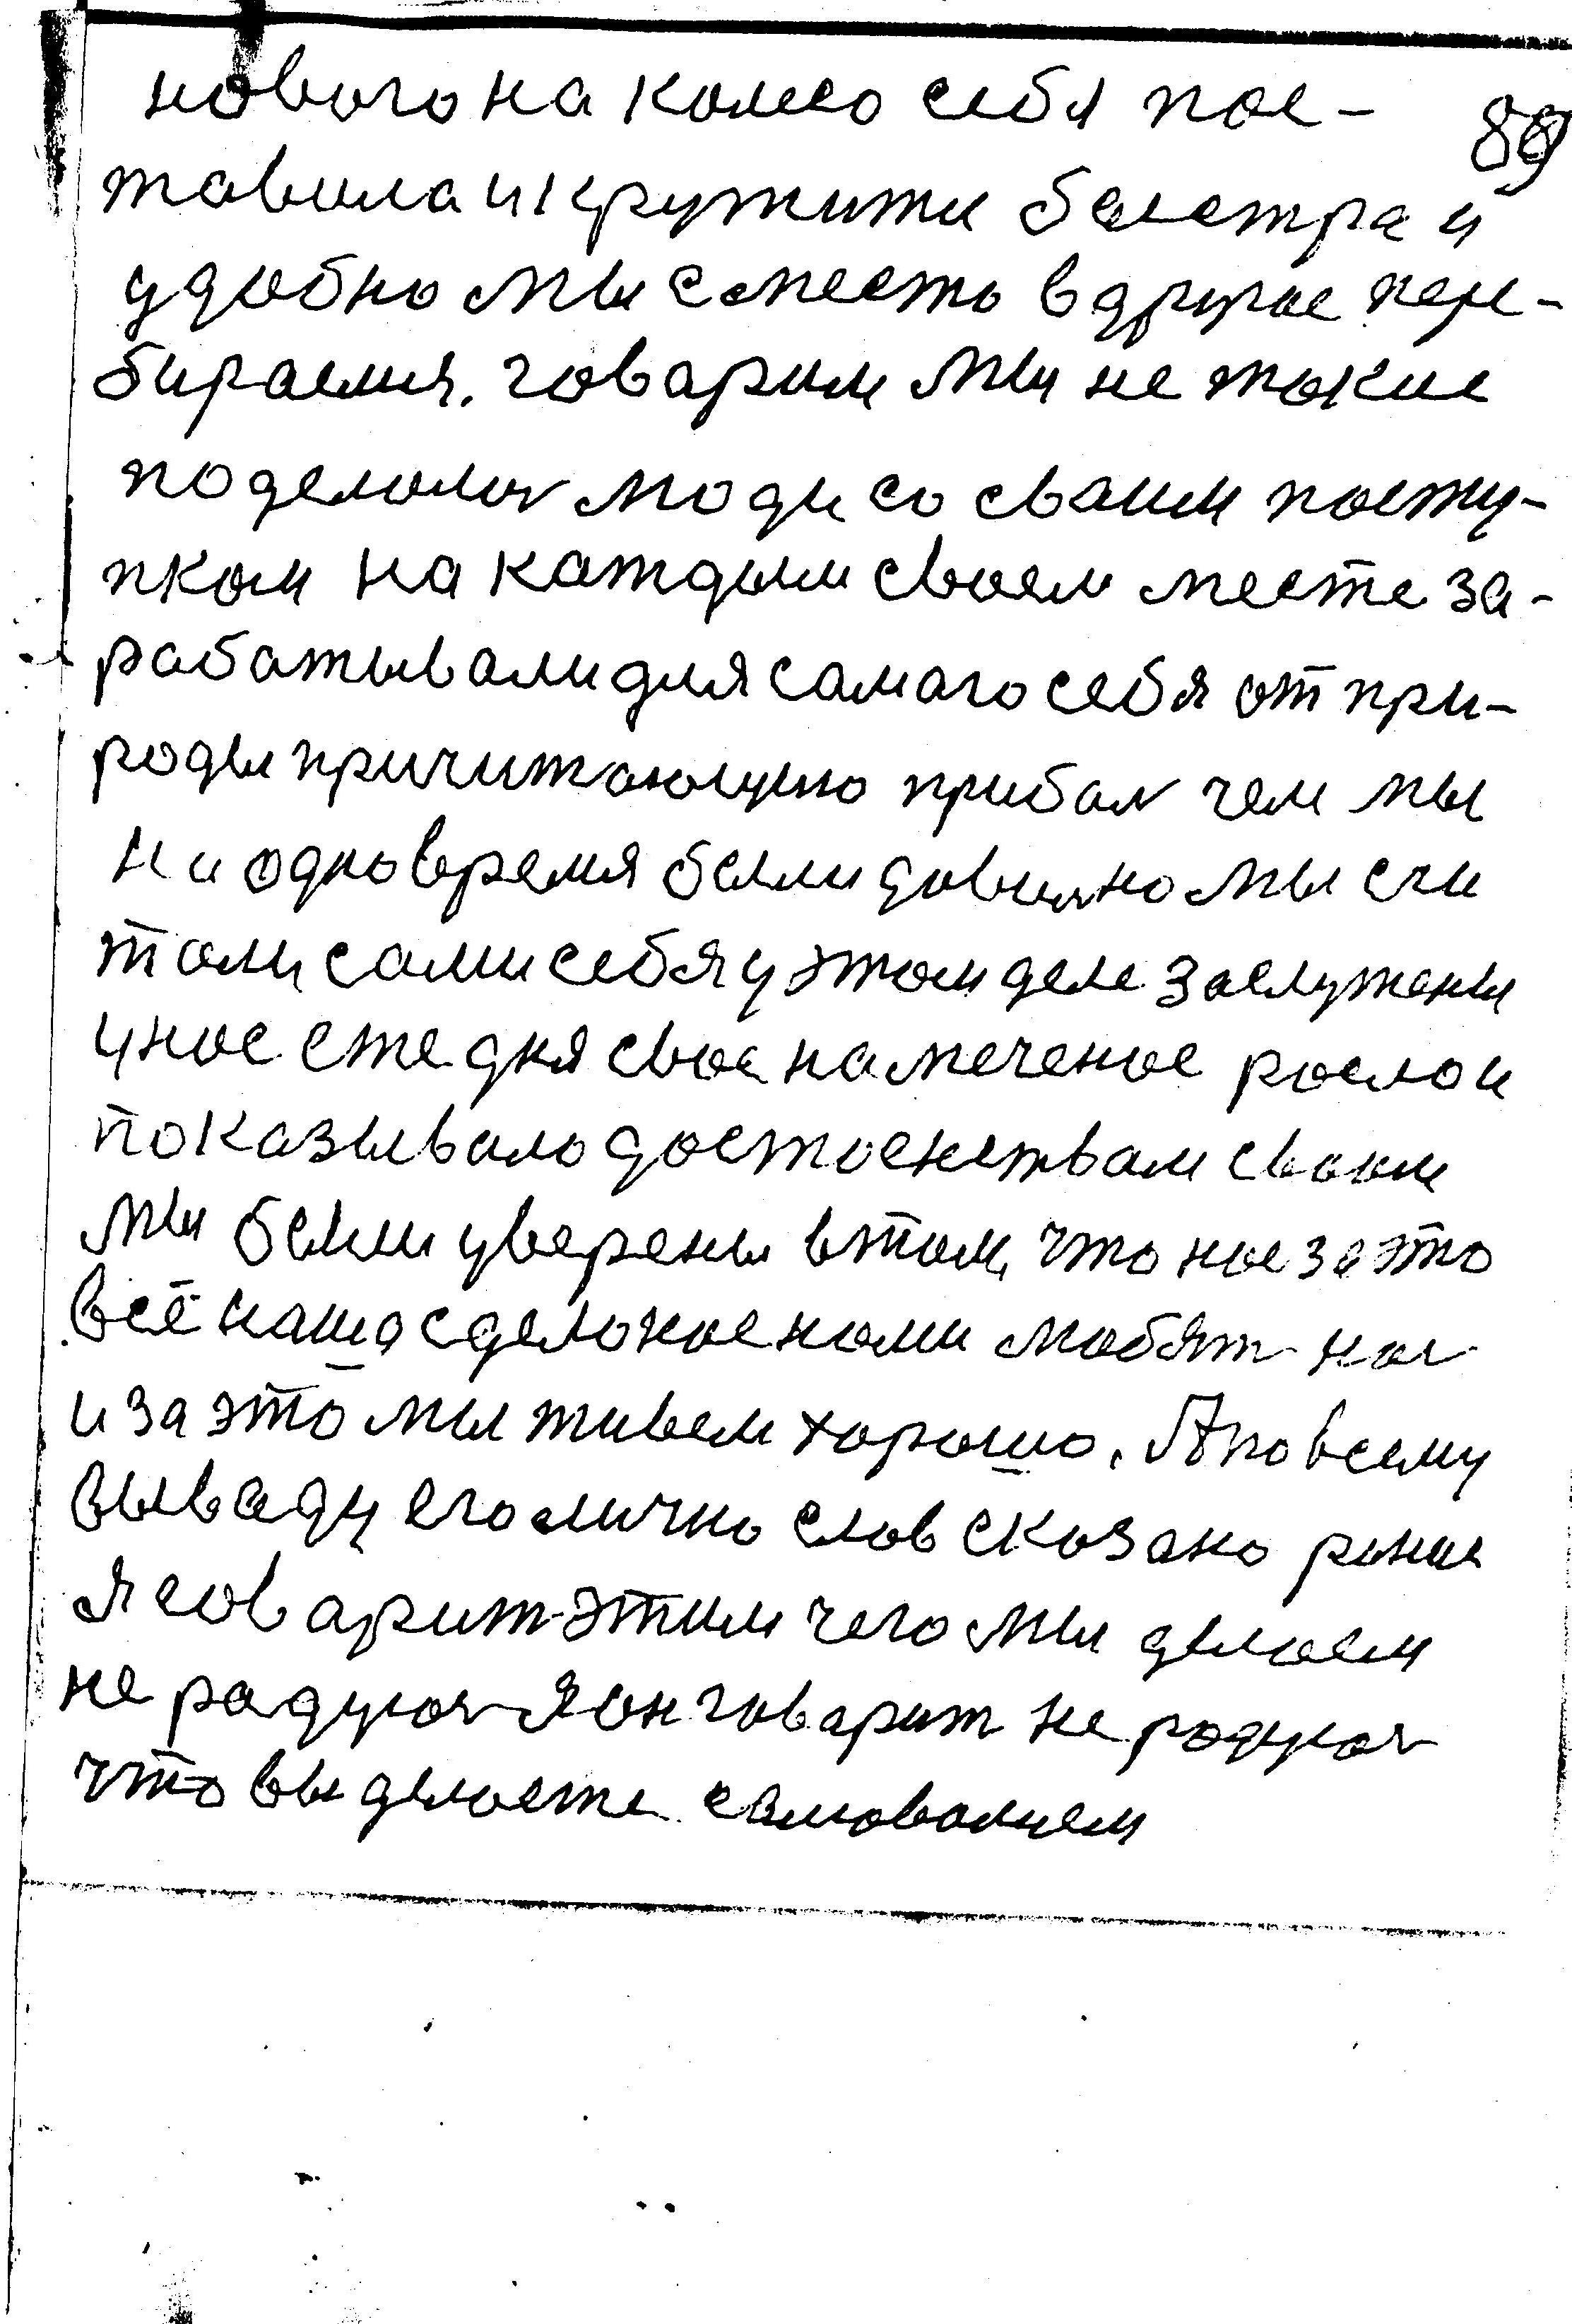 89-105.jpg